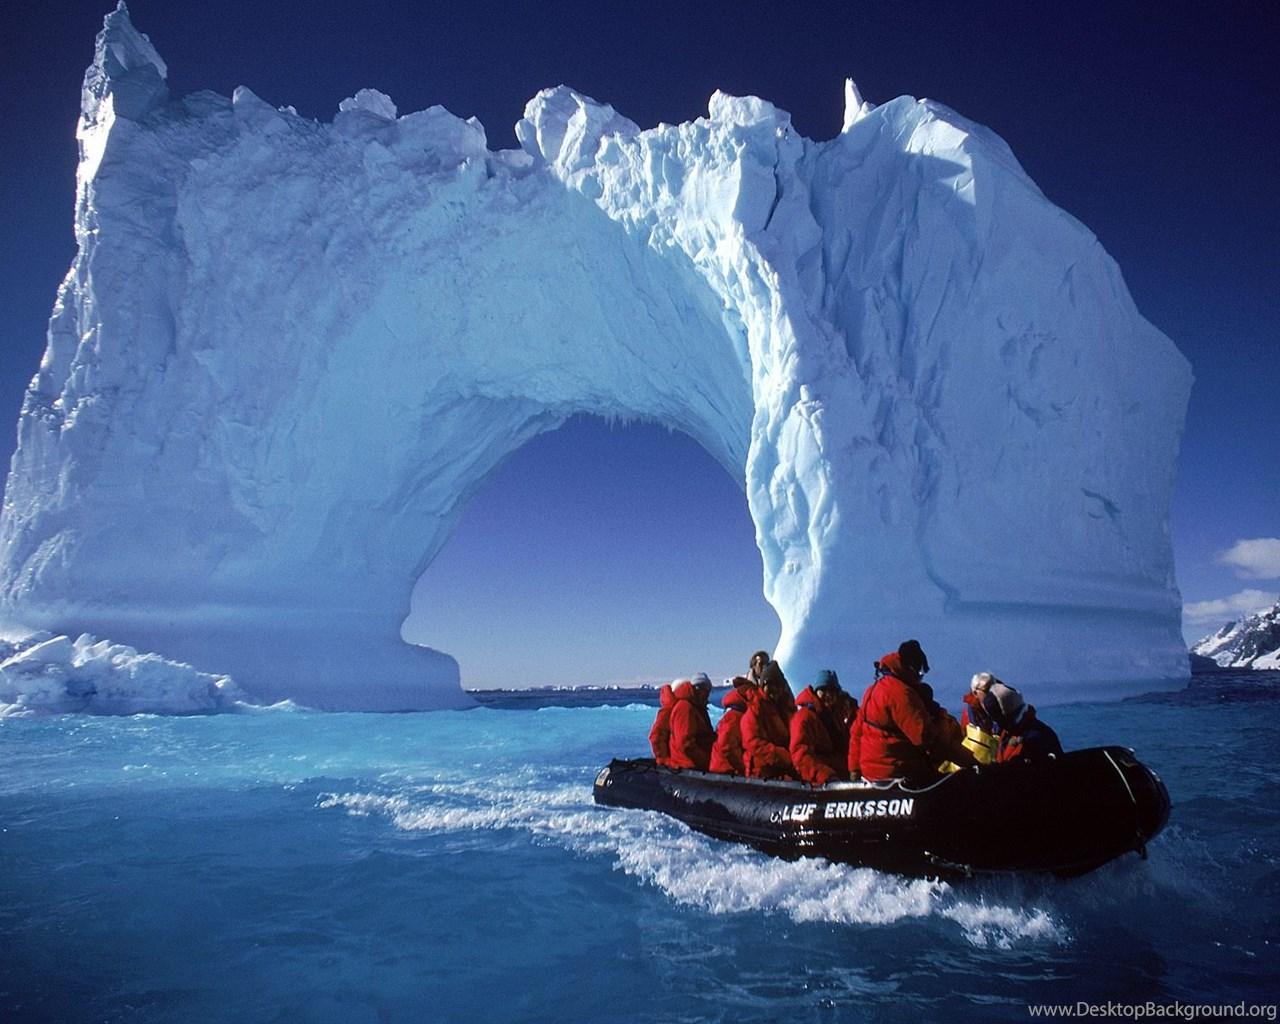 13 фактов об Антарктиде, которые вы не найдете в учебниках (И очень жаль) антарктида